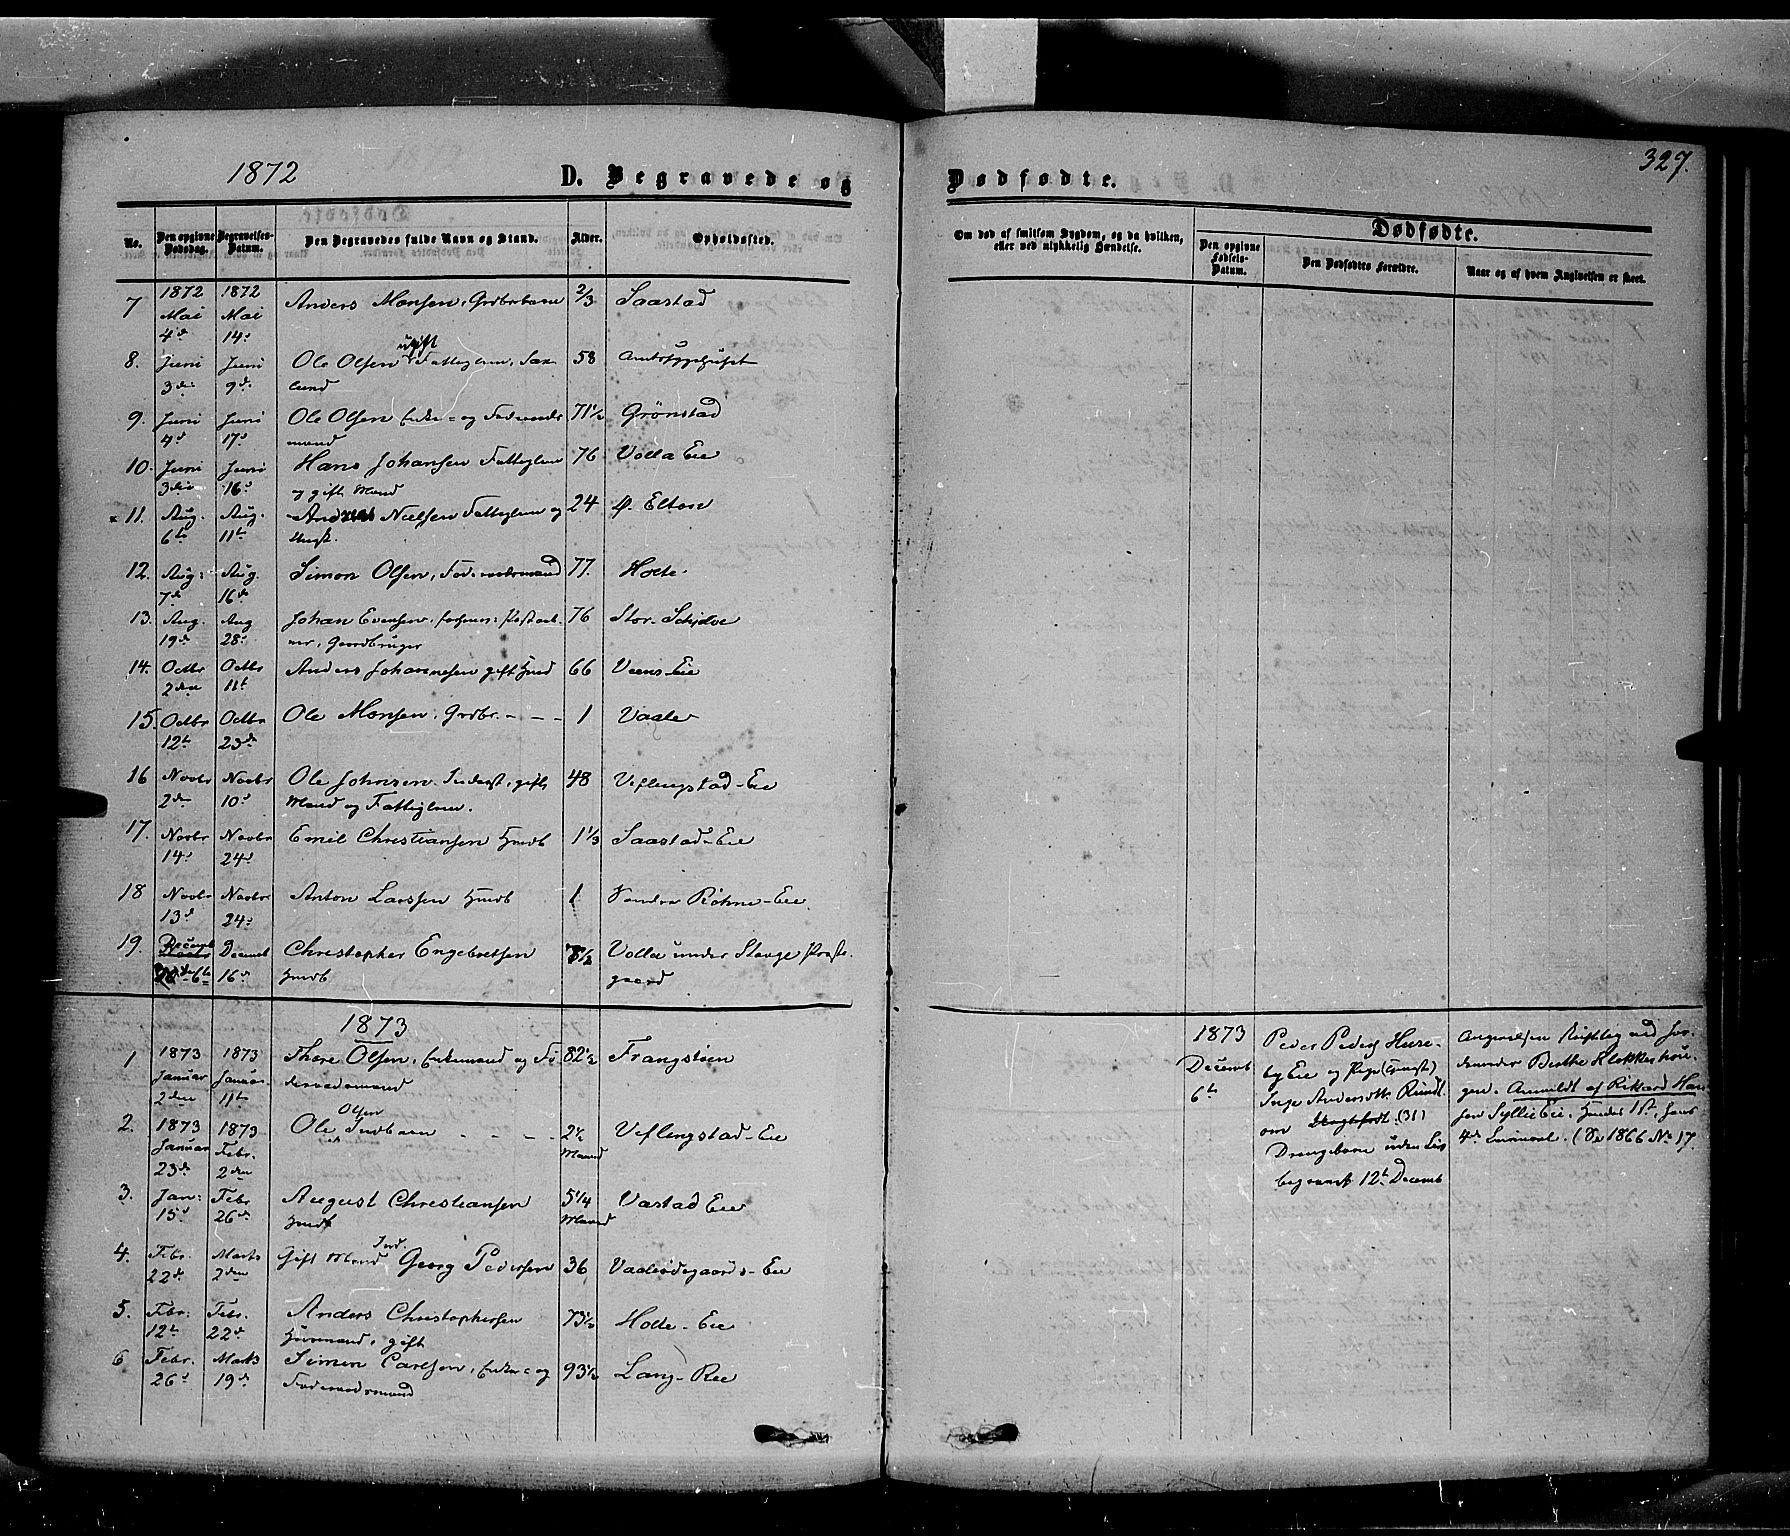 SAH, Stange prestekontor, K/L0013: Parish register (official) no. 13, 1862-1879, p. 327